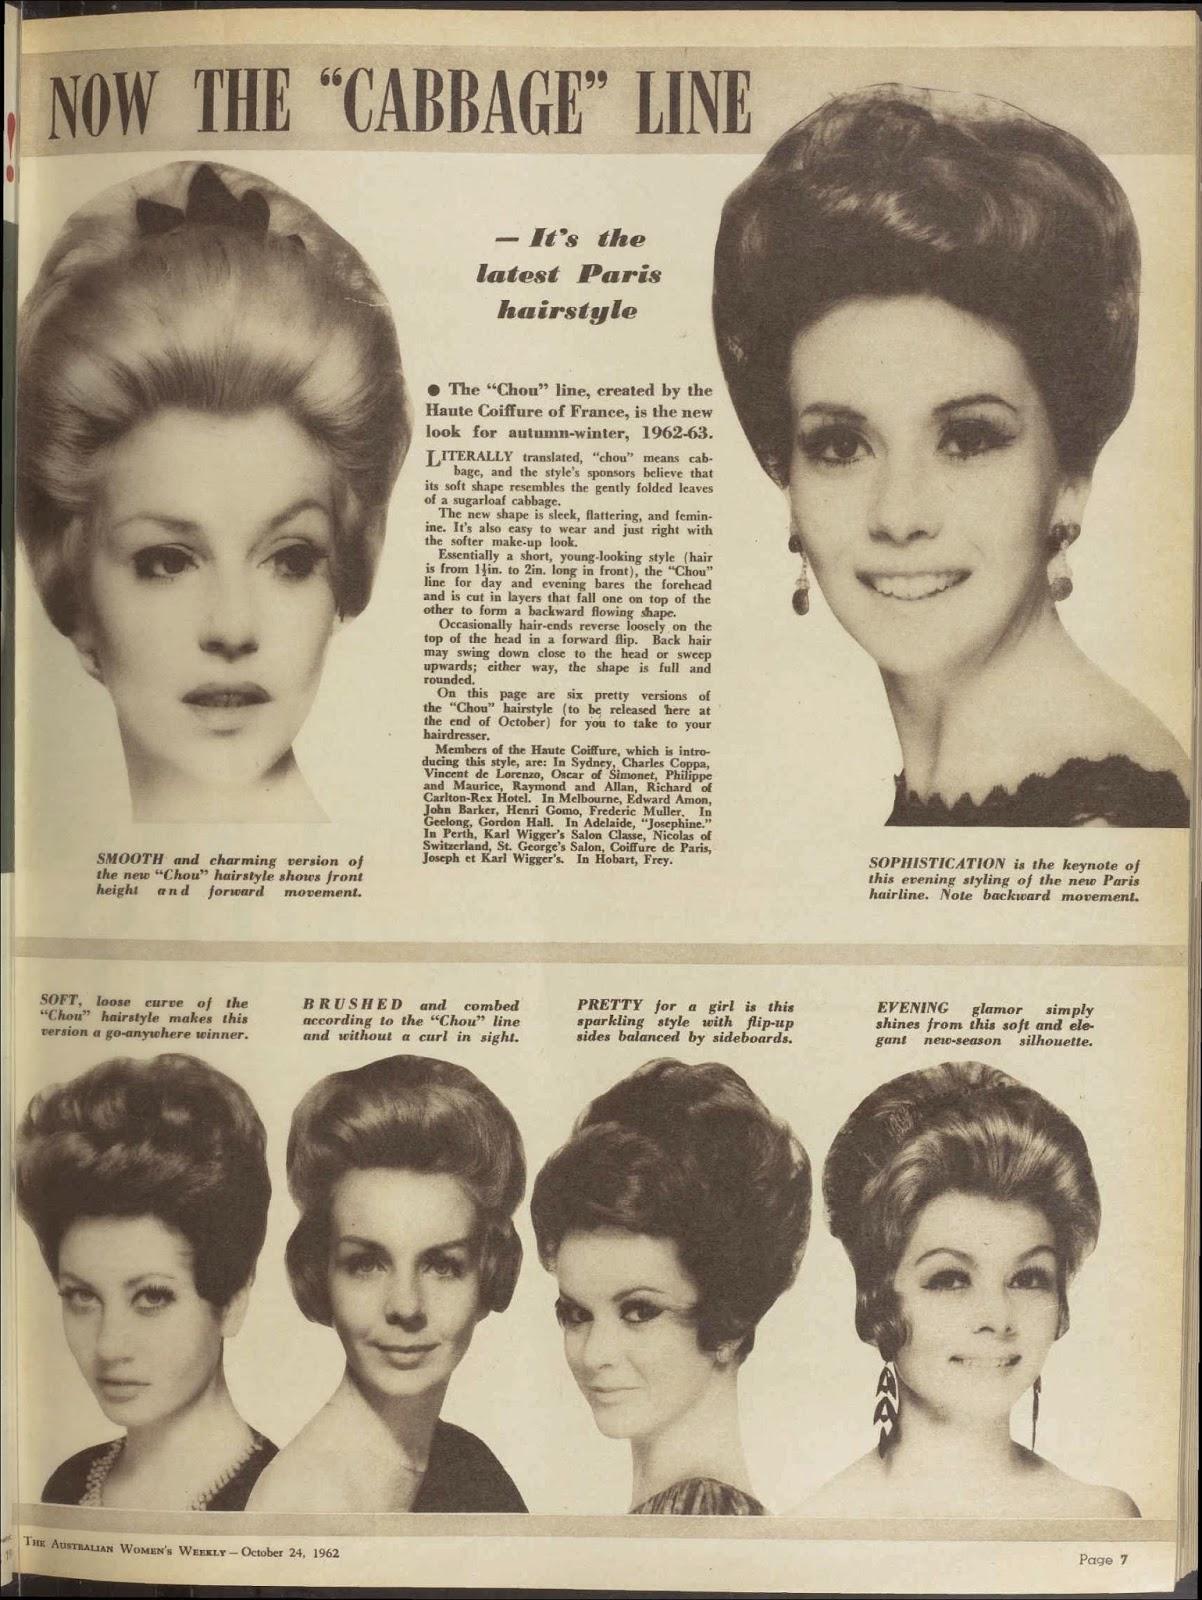 vintage 1960s hair styles